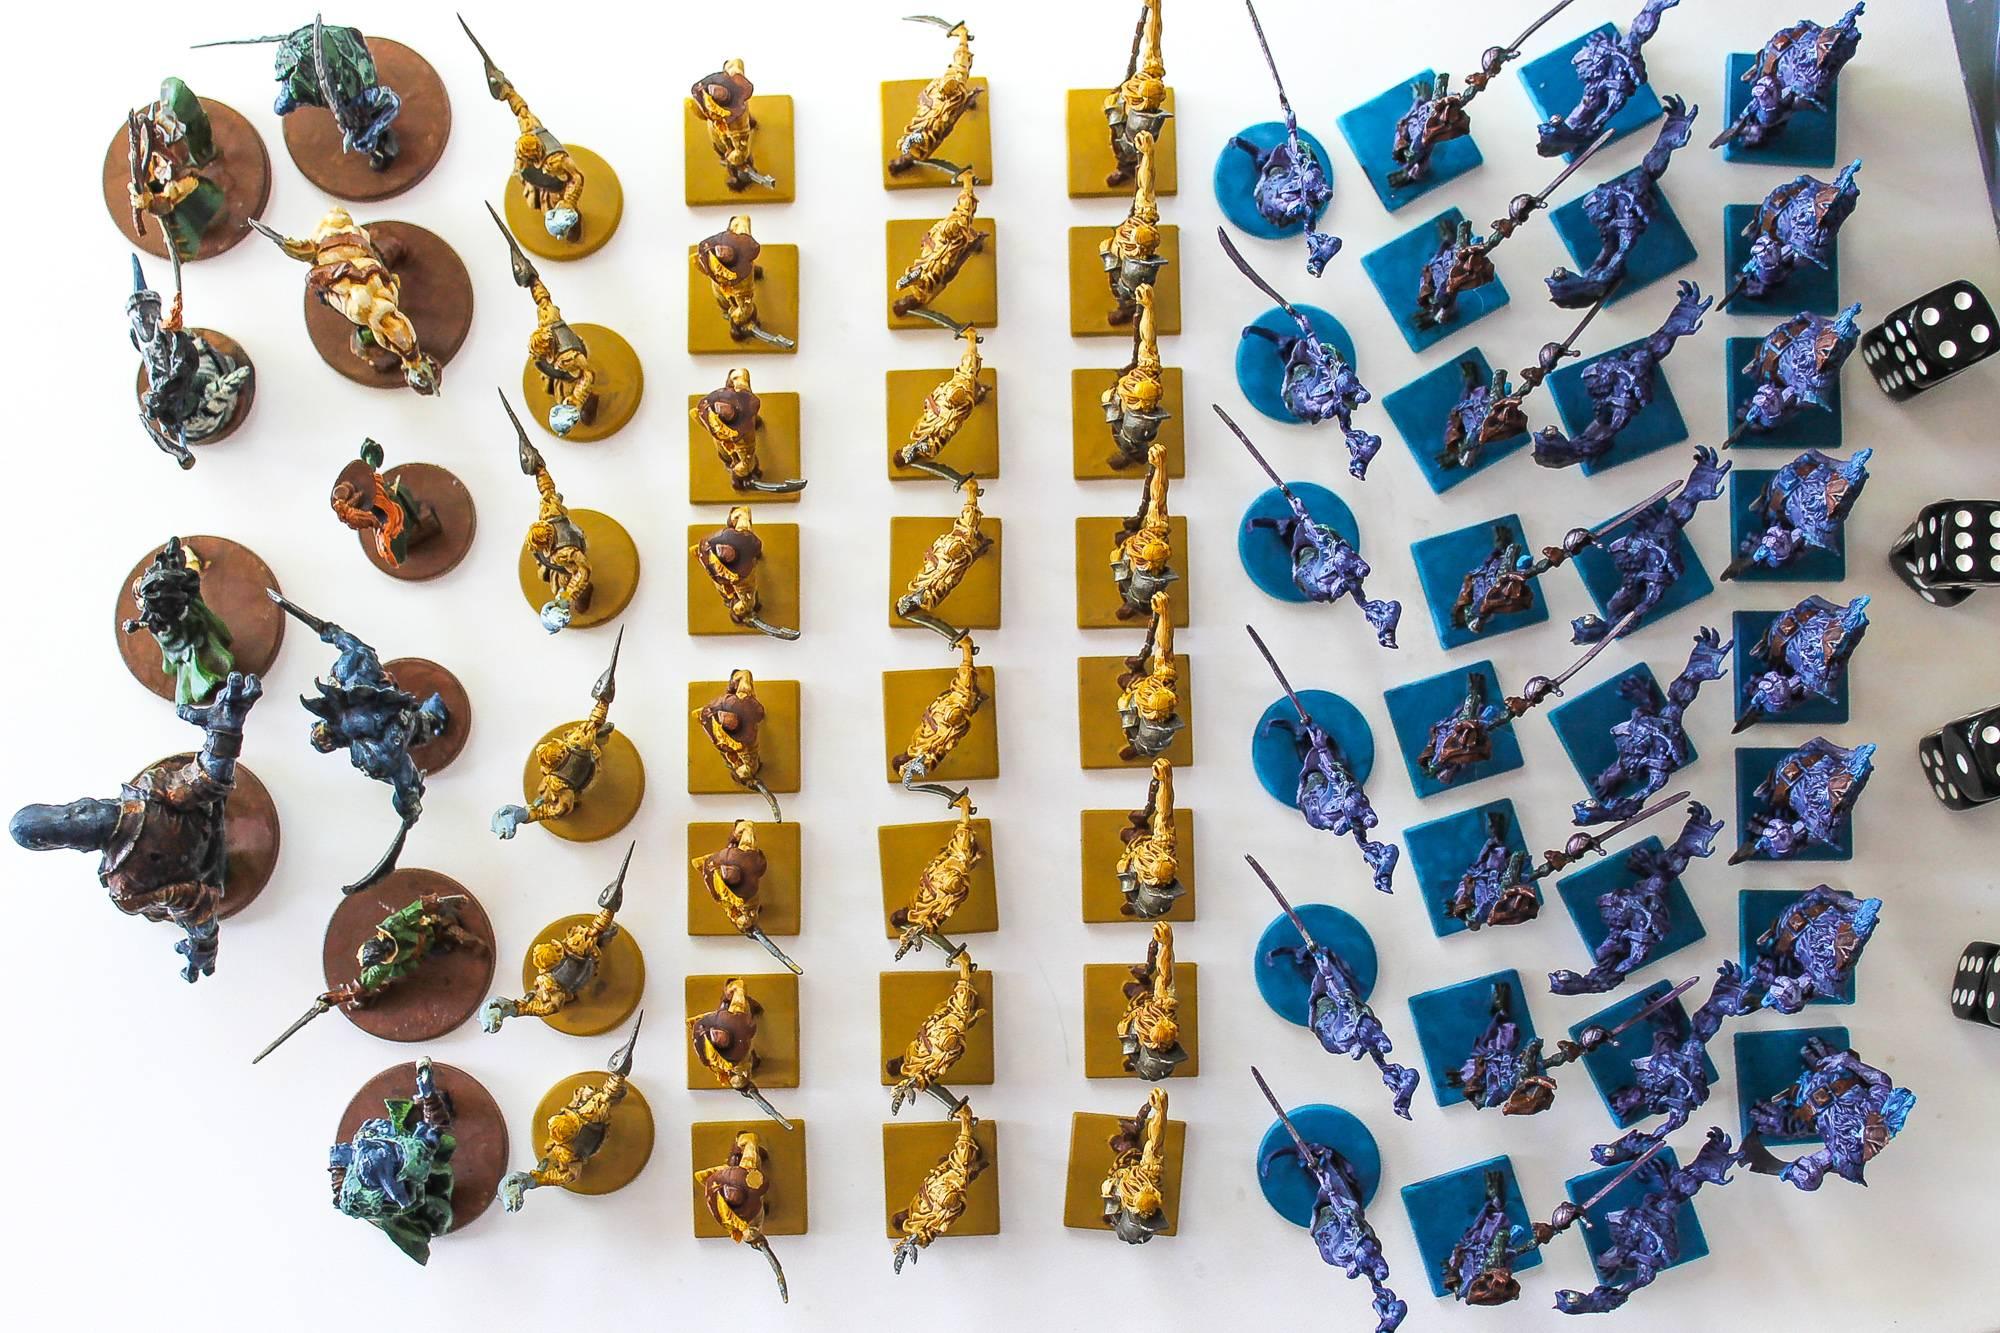 Фото: только поглядите на эти миниатюры пиратов из новой настолки! 6